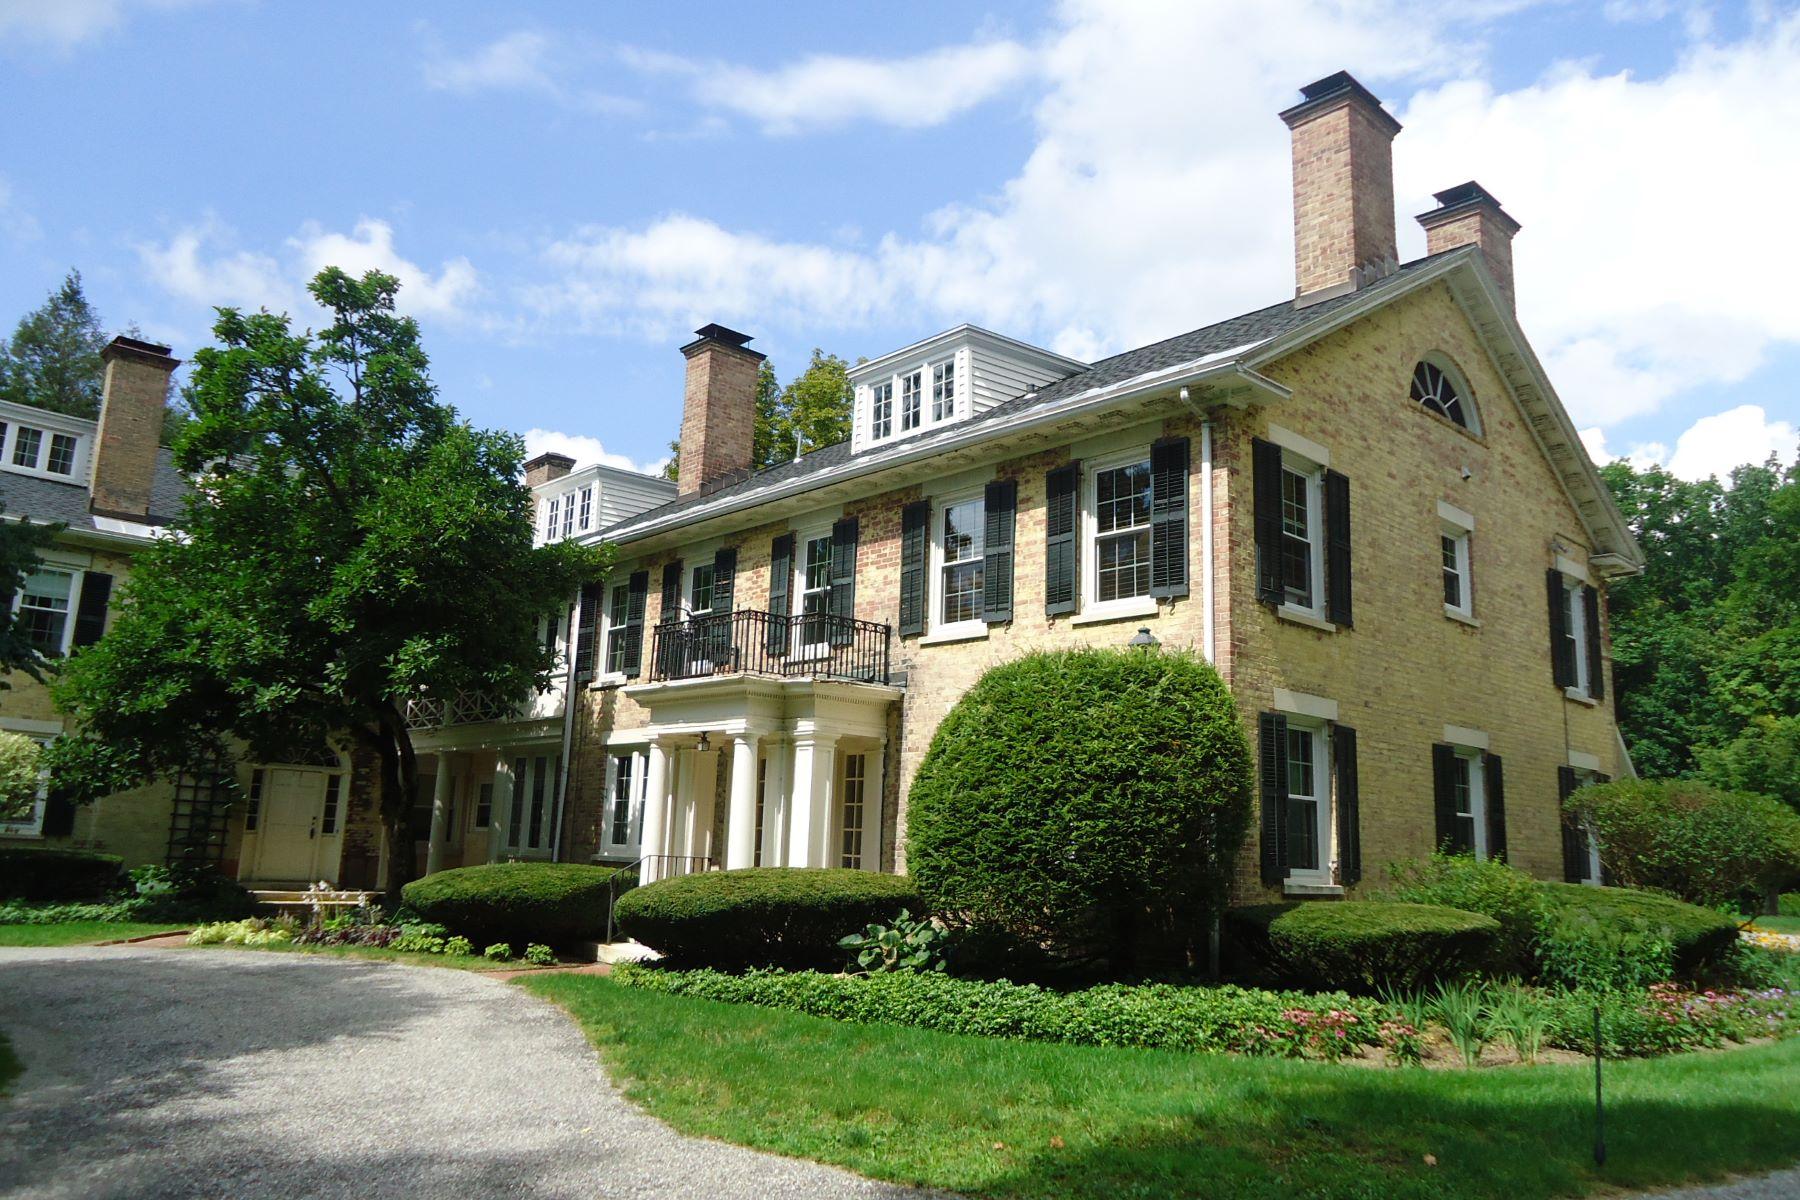 Eigentumswohnung für Verkauf beim Sweet 2 Bedroom Condo Close to Town 57 Main St 3 Stockbridge, Massachusetts, 01262 Vereinigte Staaten